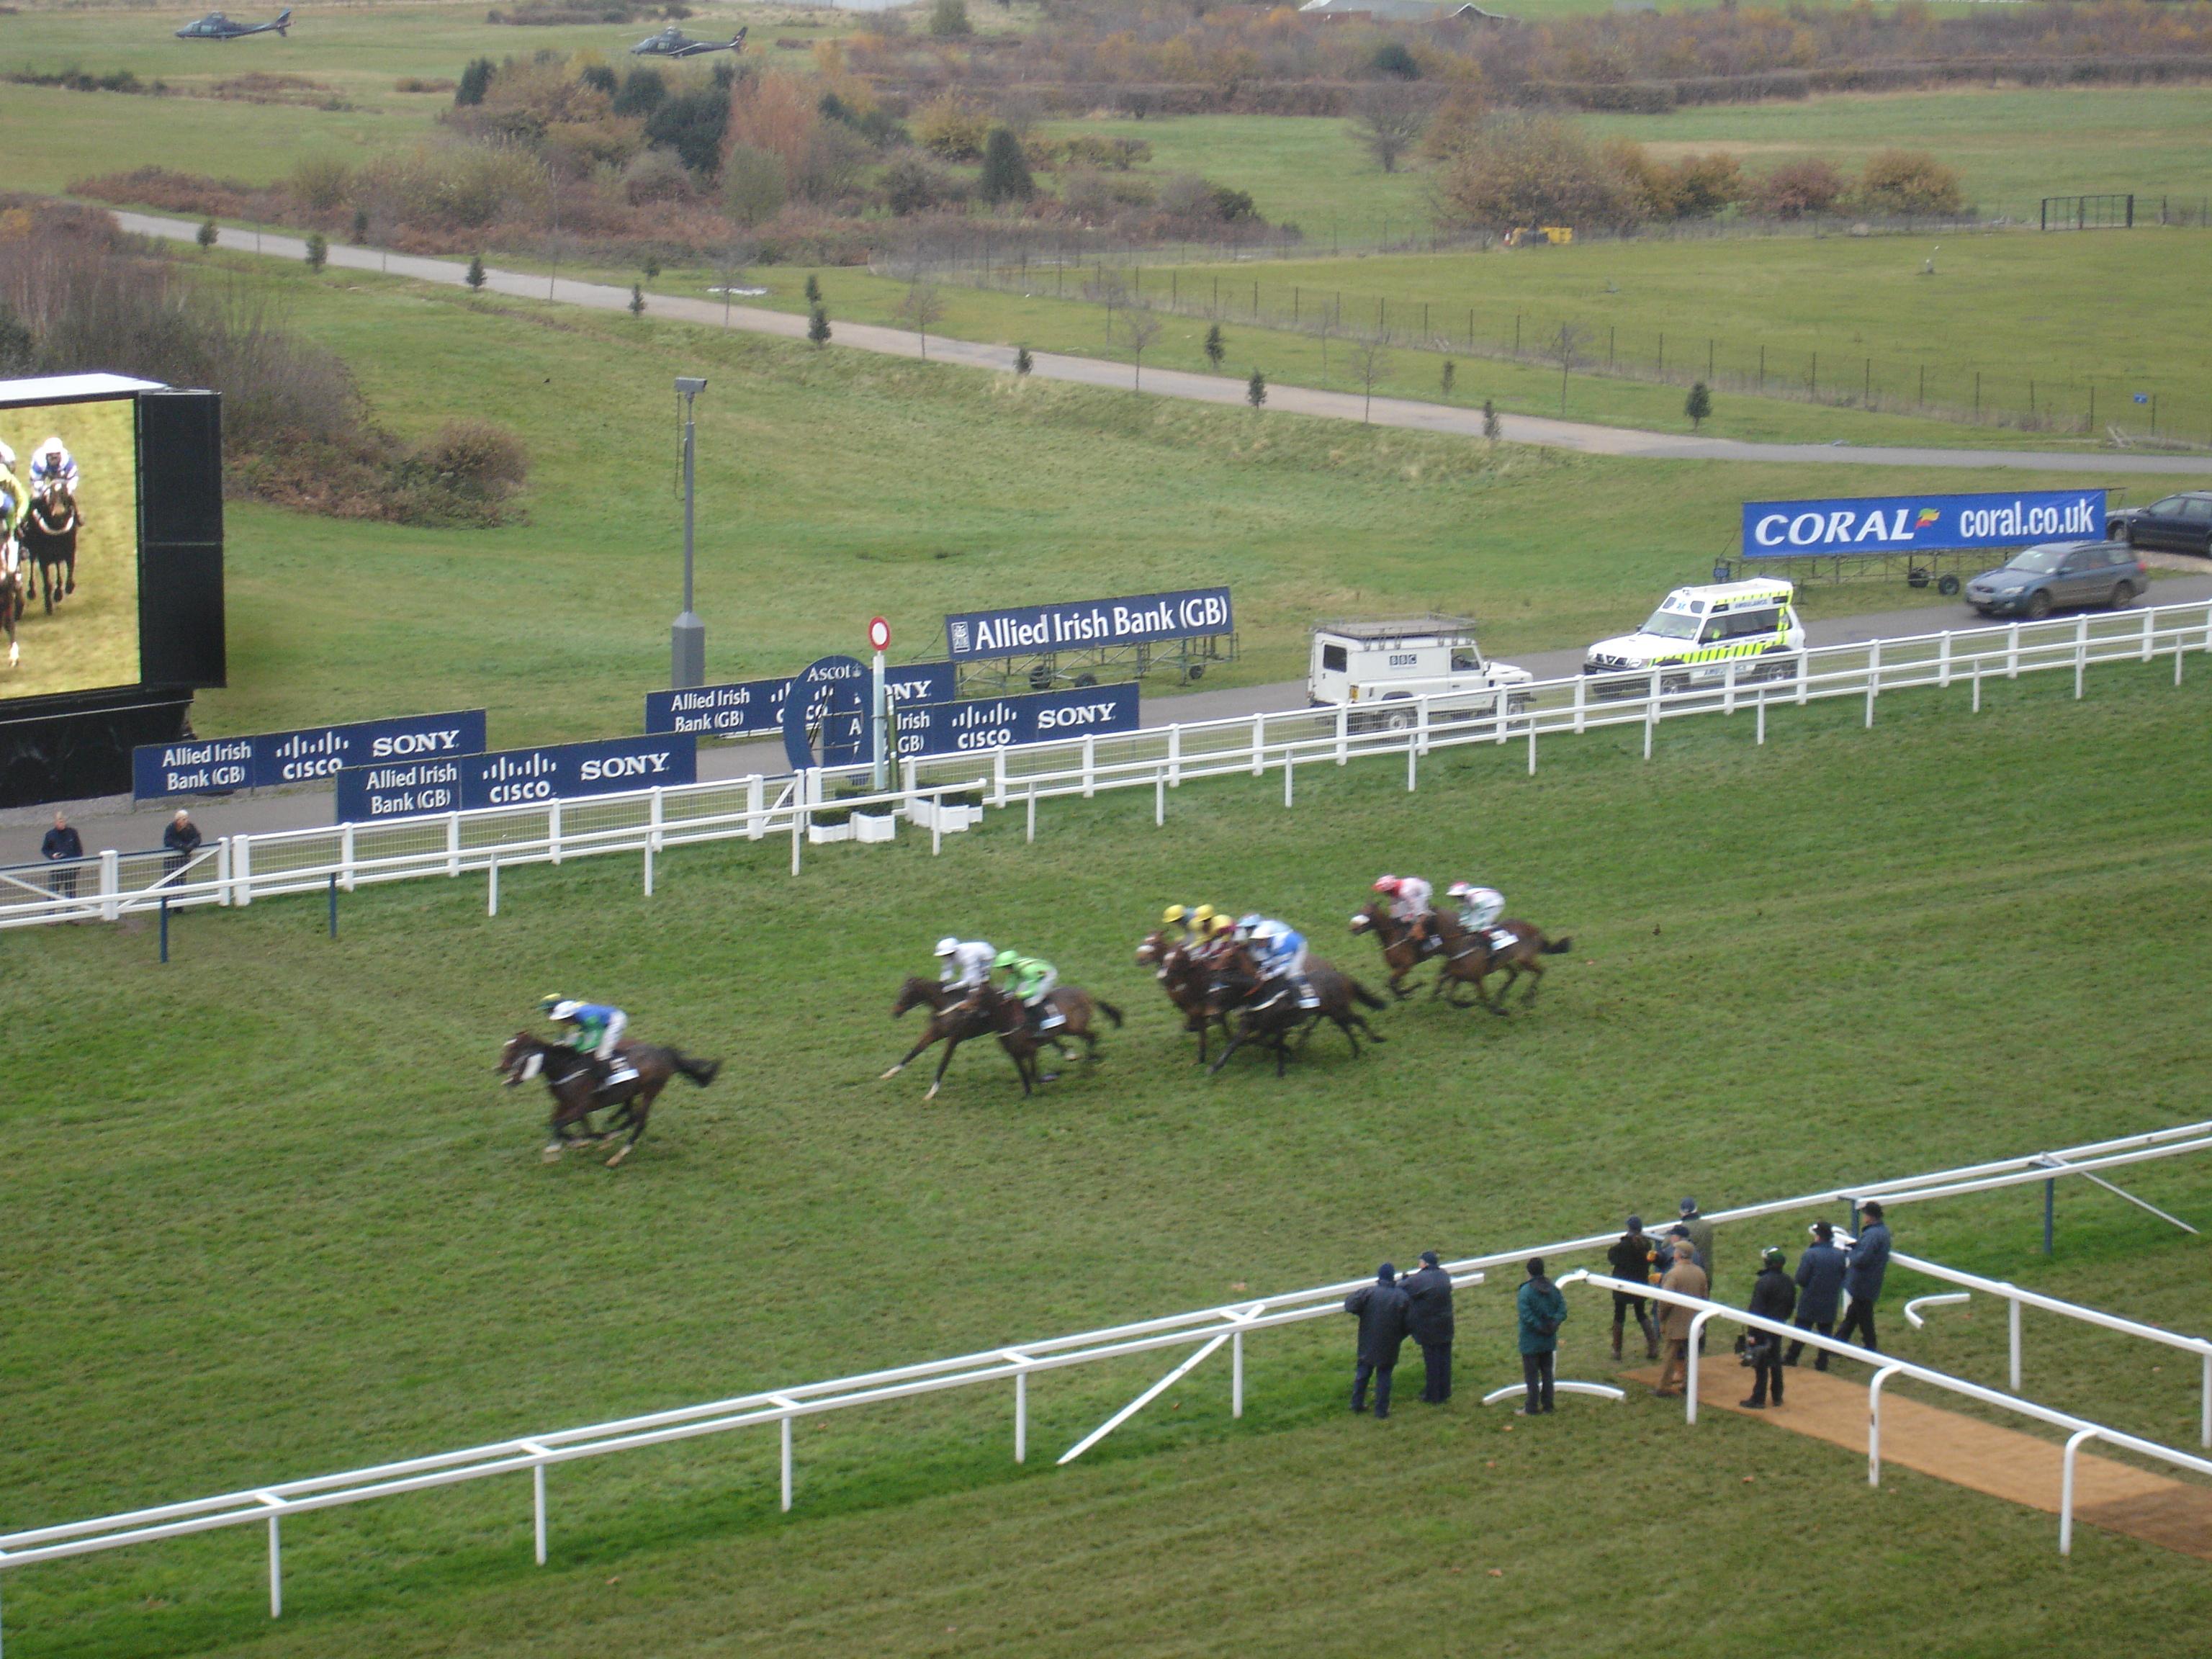 Horse betting uk wiki ladbrokes betting slip expiry of contract